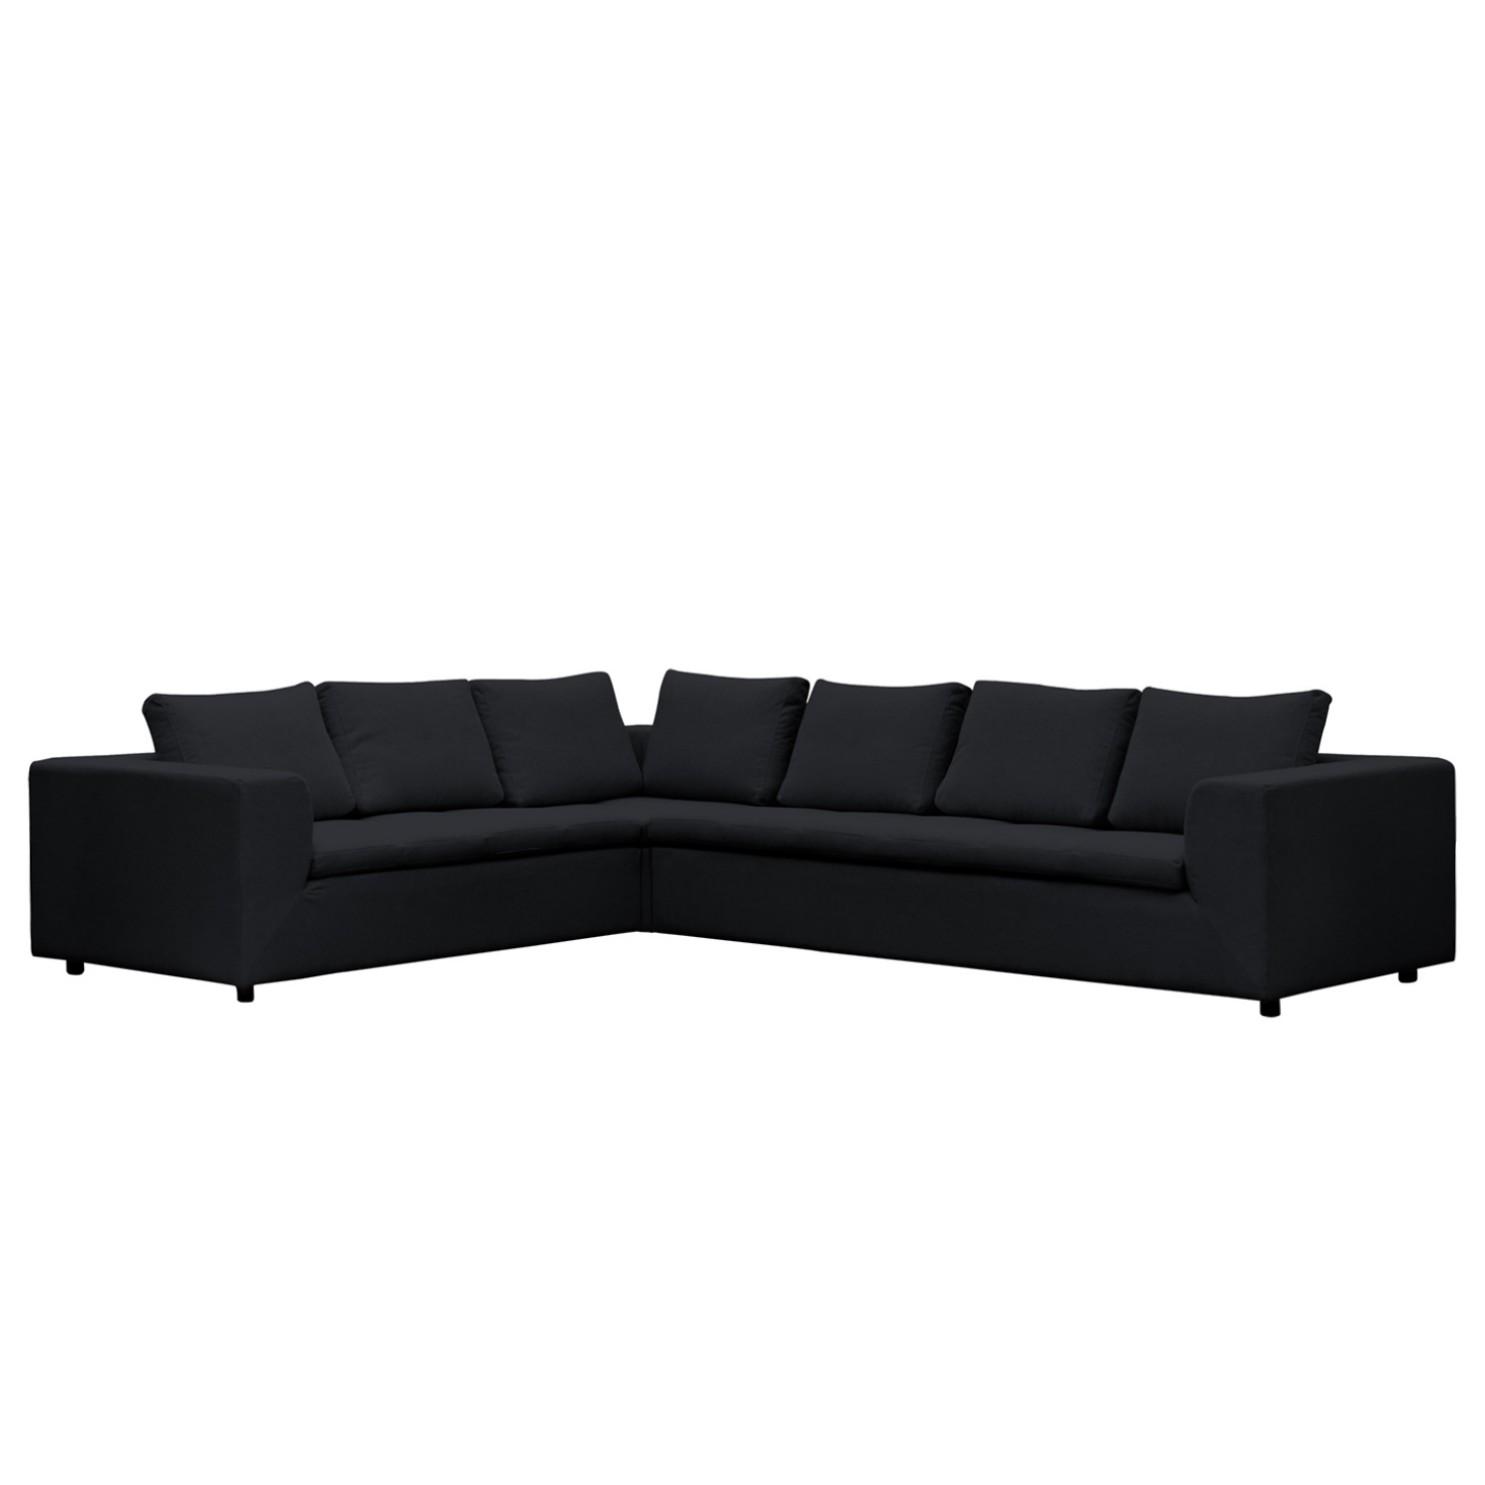 Ecksofa Brooklyn Webstoff - 2-Sitzer davorstehend links - Stoff Saia Anthrazit